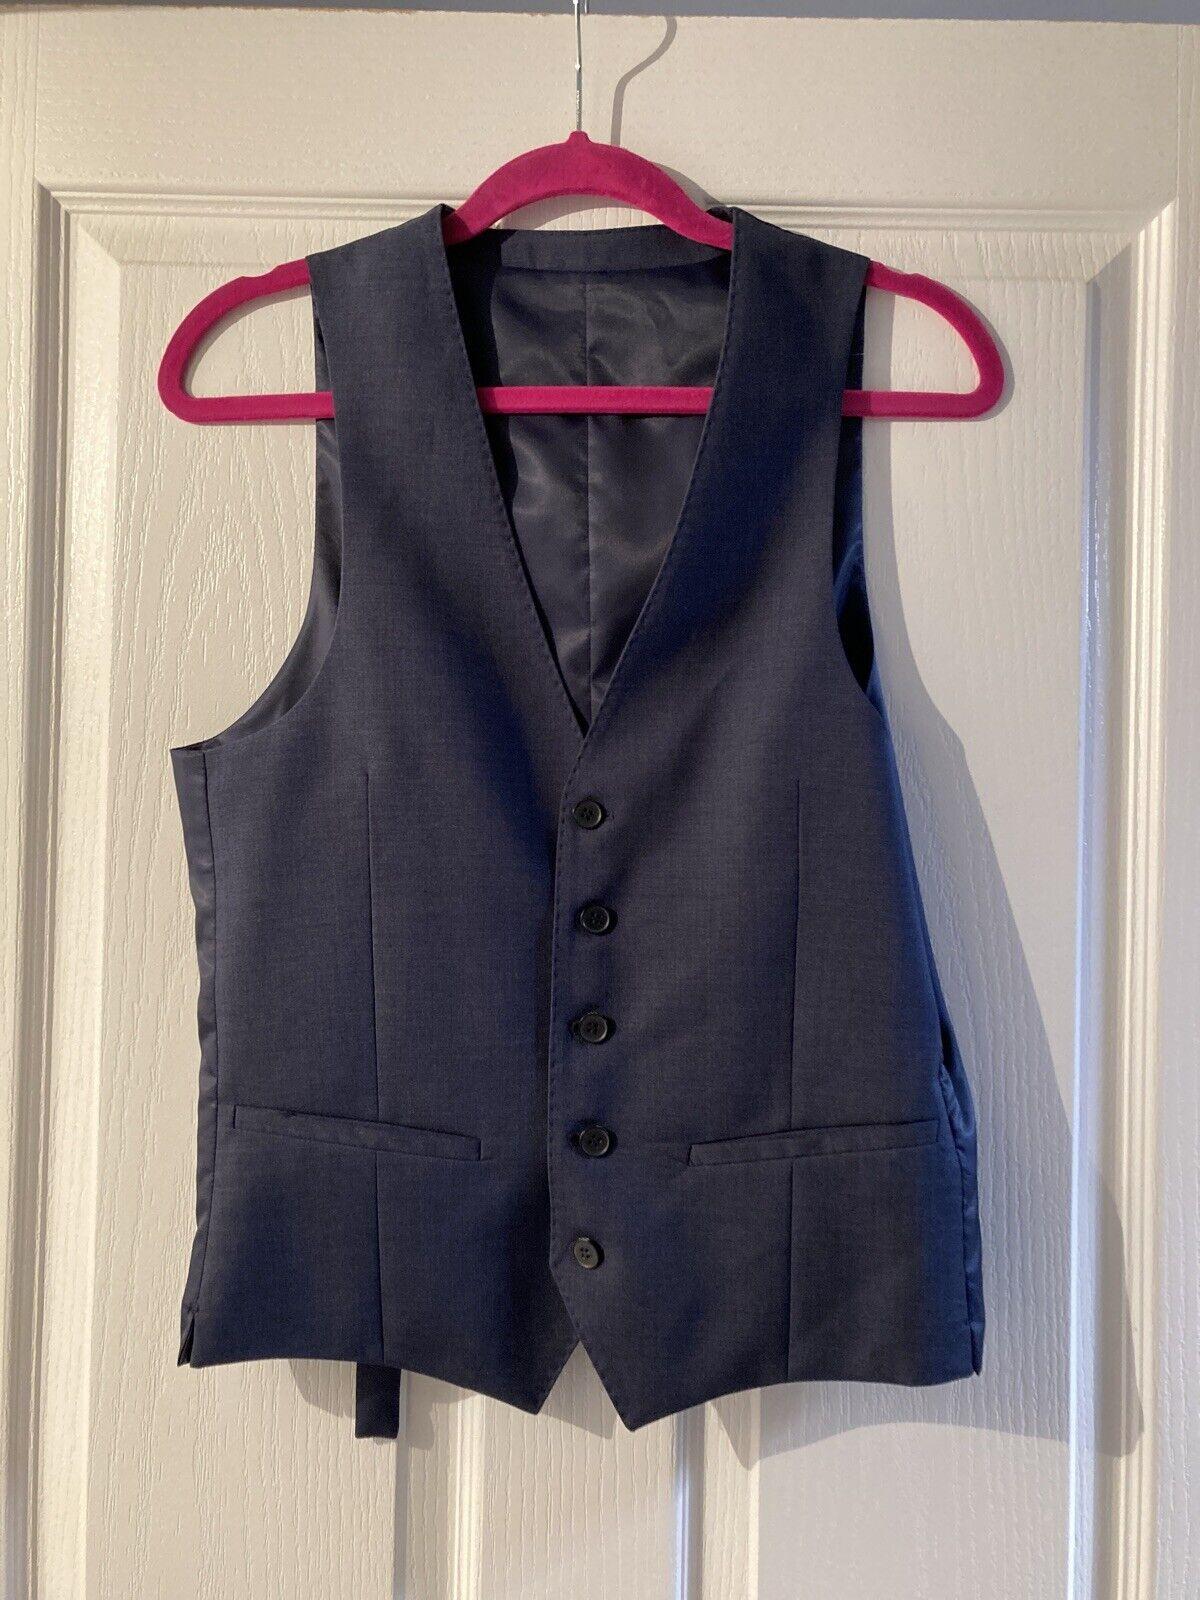 DKNY Navy Blue Waistcoat Size 36R